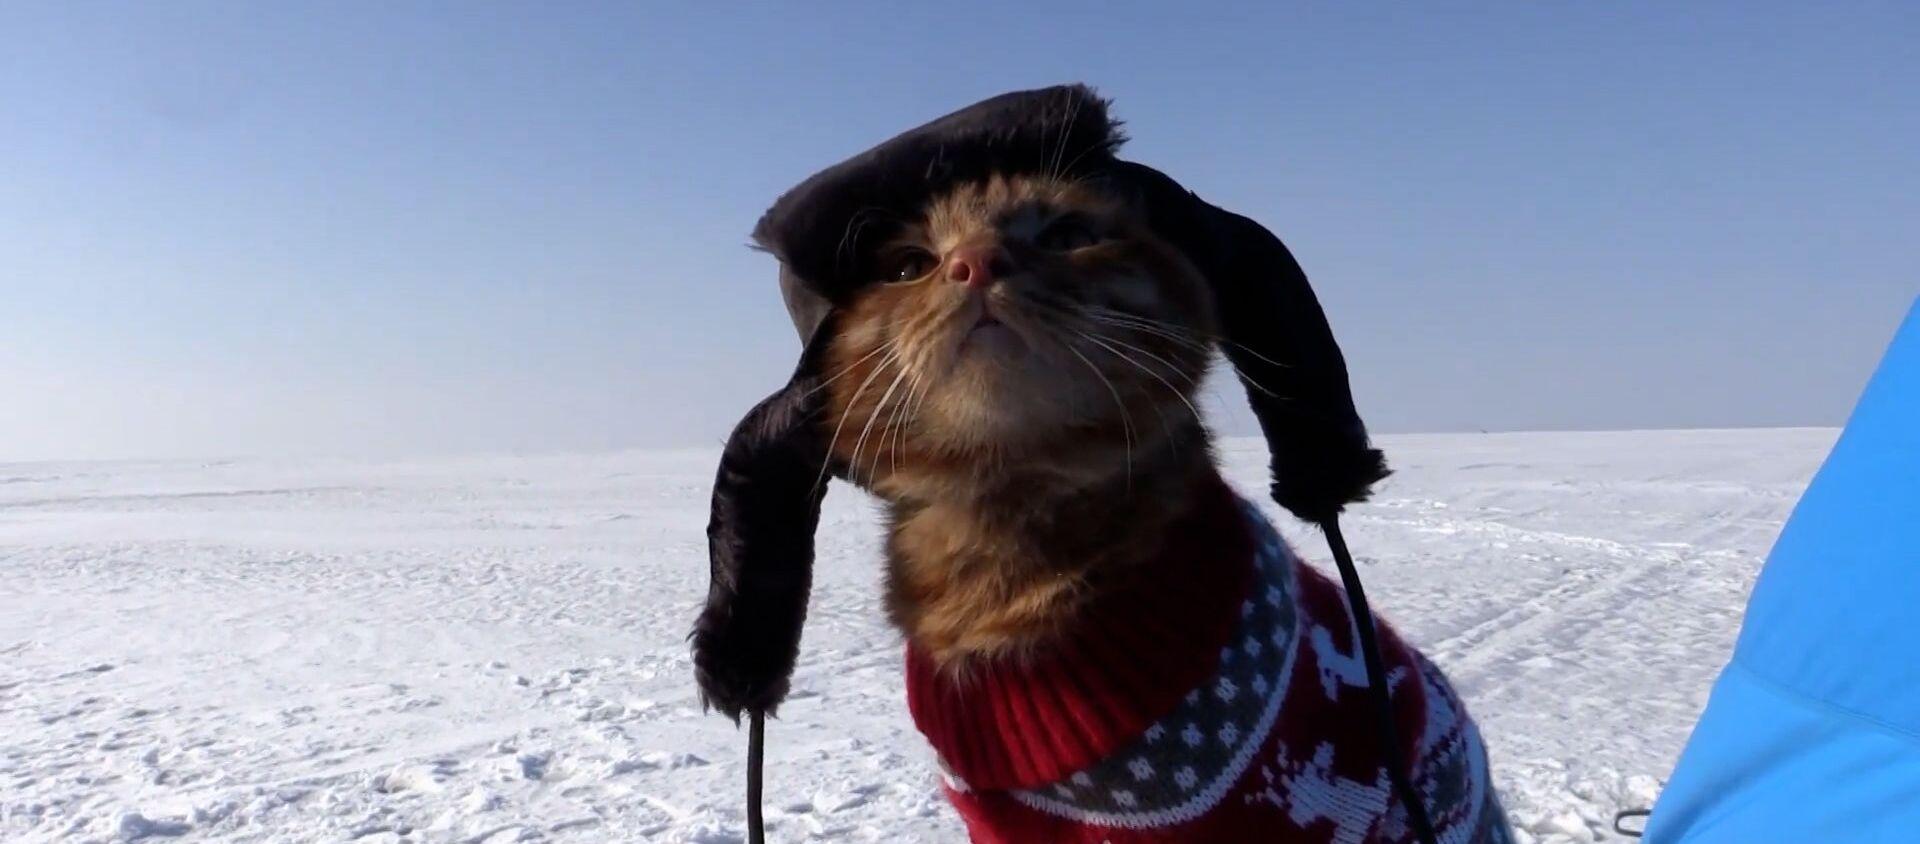 Кот суправаджае гаспадара на рыбалцы і сочыць за паплаўком - відэа - Sputnik Беларусь, 1920, 01.02.2021